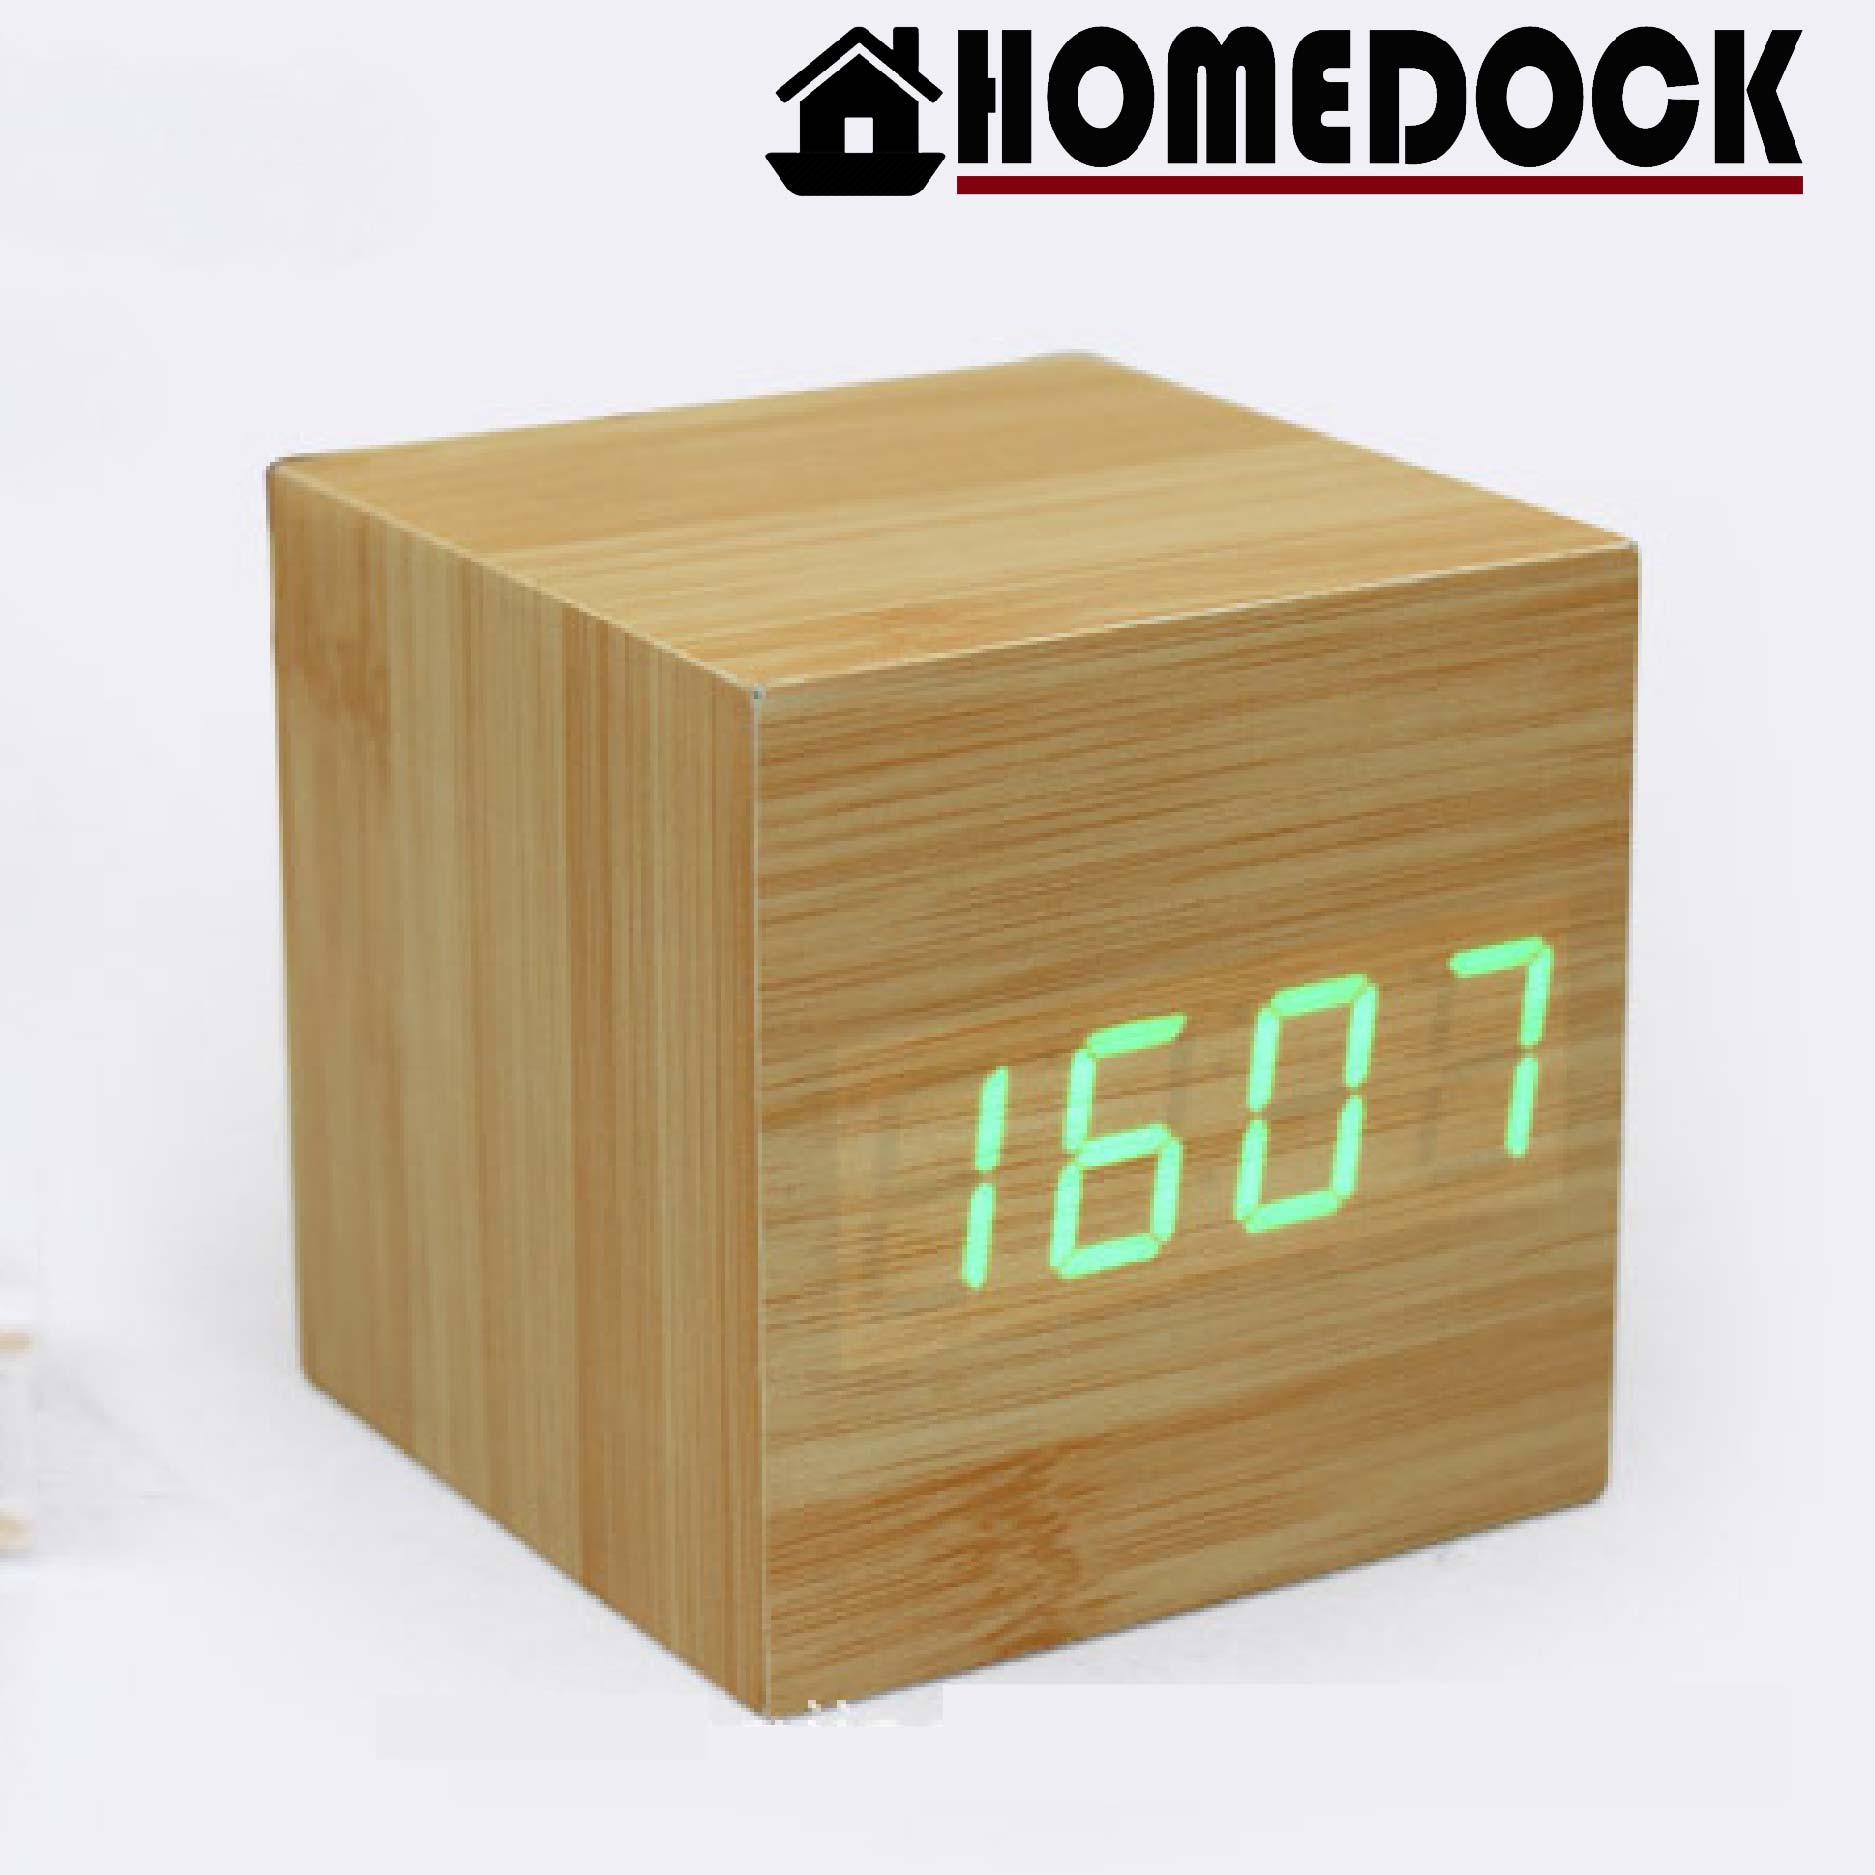 LED 方形聲控木質感鬧鐘 附溫度計時鐘/錶/桌鐘/電子鐘/LED木頭鐘/